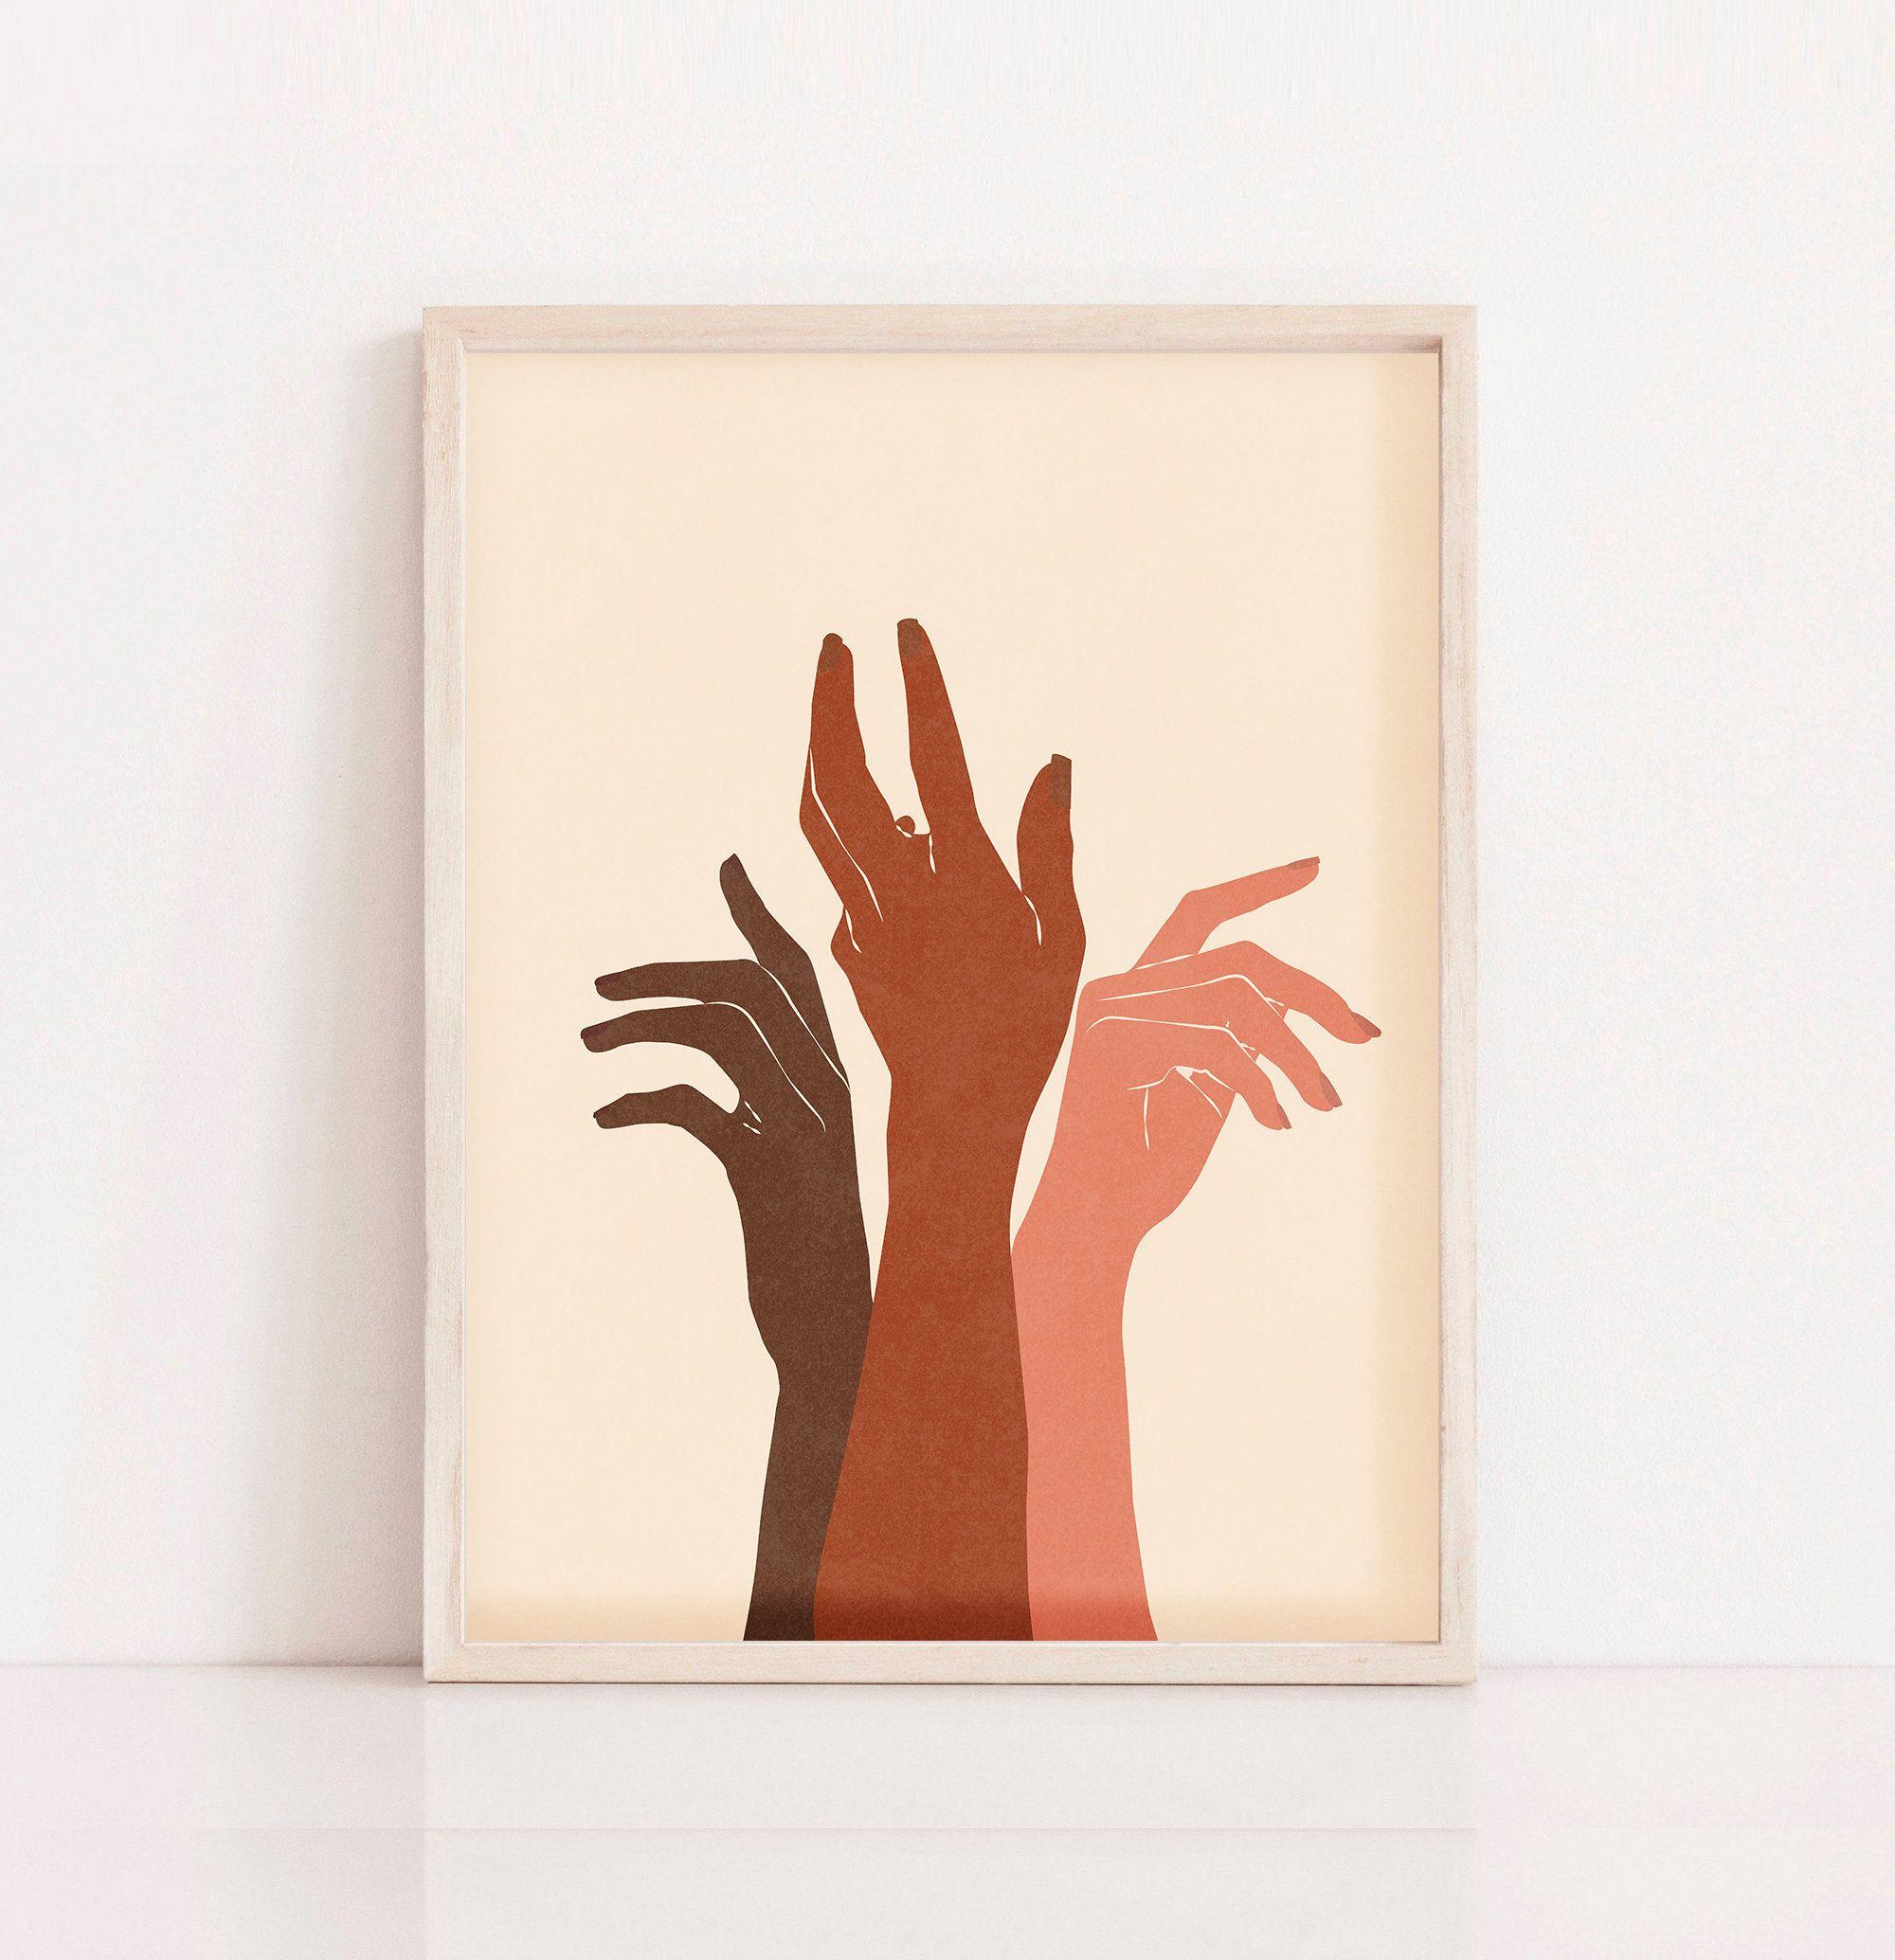 Flower Hand Art Print Hands Wall Print Rolled Canvas Print,Feminist art African Art Boho Hands poster Abstract Hand Art Print Hand art